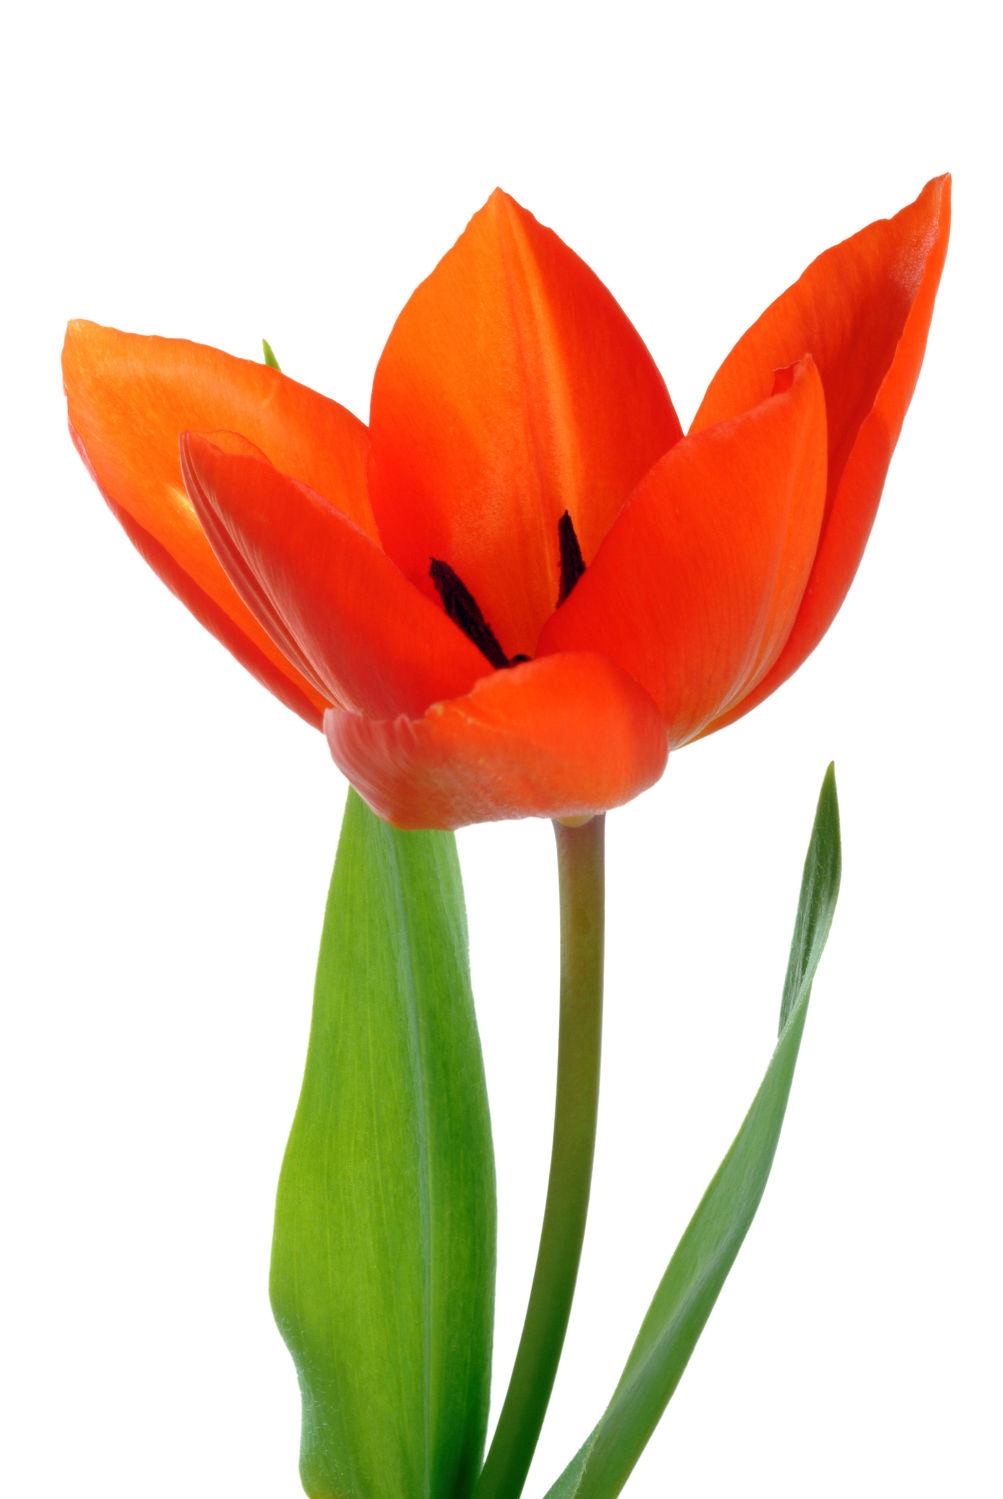 Bild mit Blumen, Frühling, Blume, Makro, Tulpe, Tulpen, Blüten, blüte, weißer Hintergrund